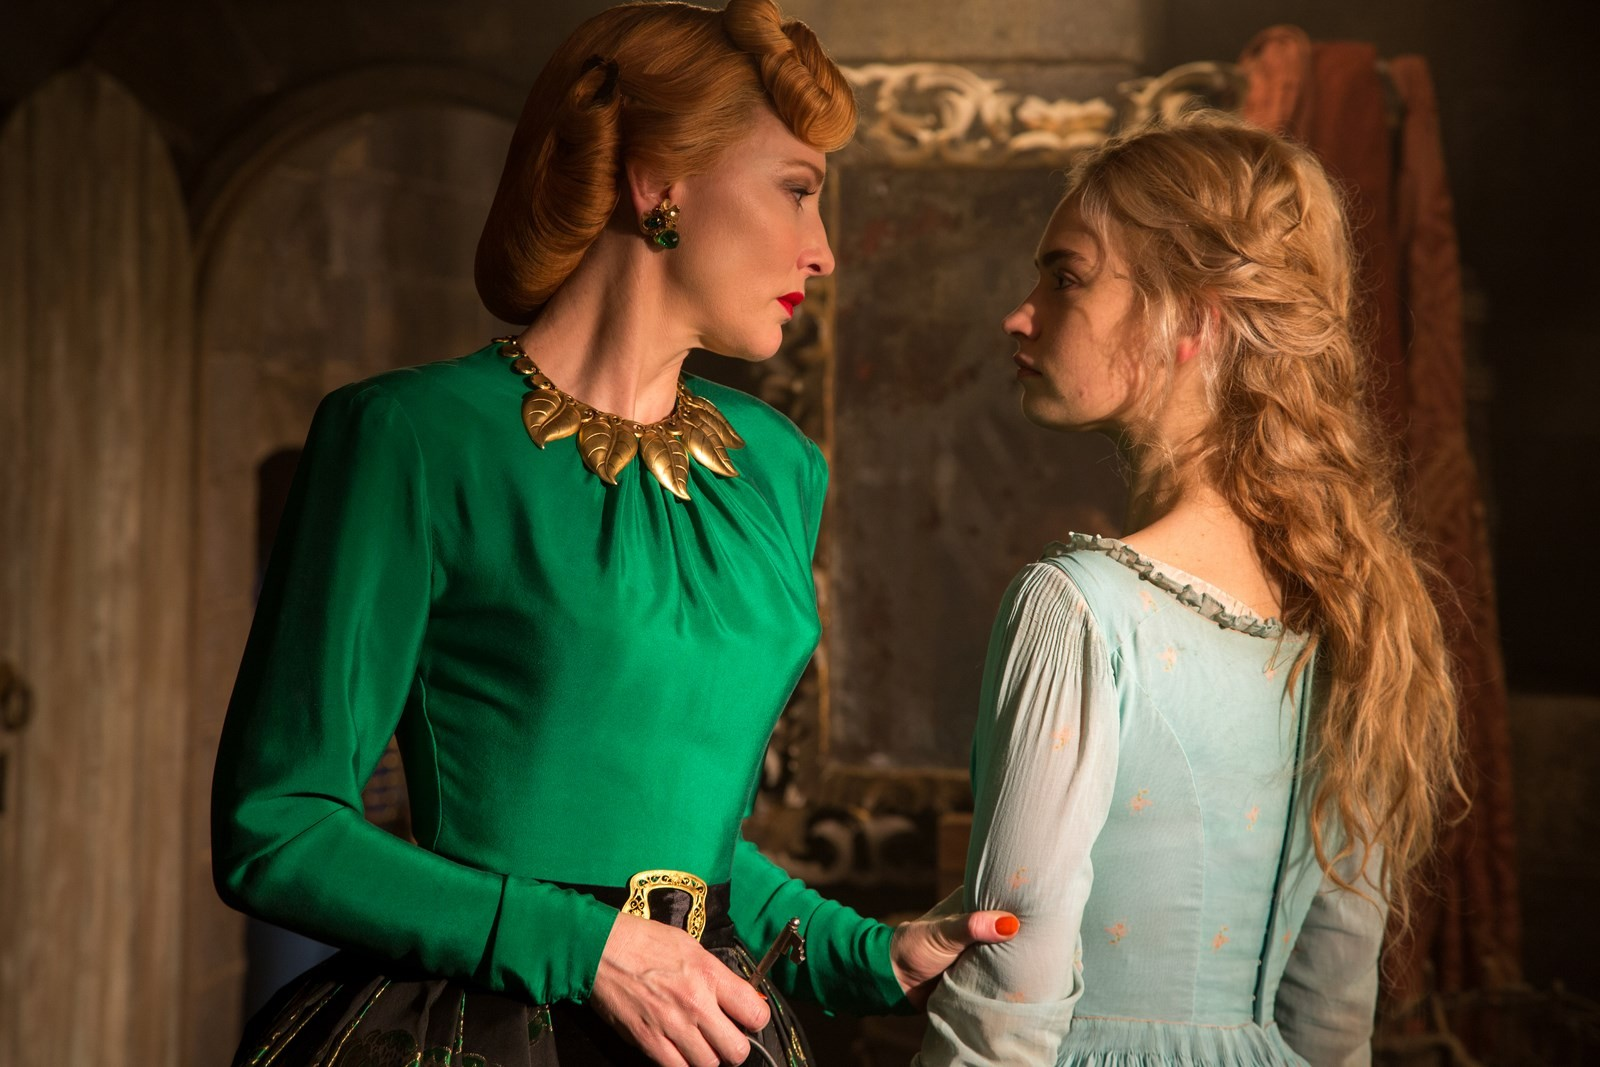 รีวิว Cinderella ซิลเดอเรลล่า ความรู้สึกหลังการชม จากดิสนีย์